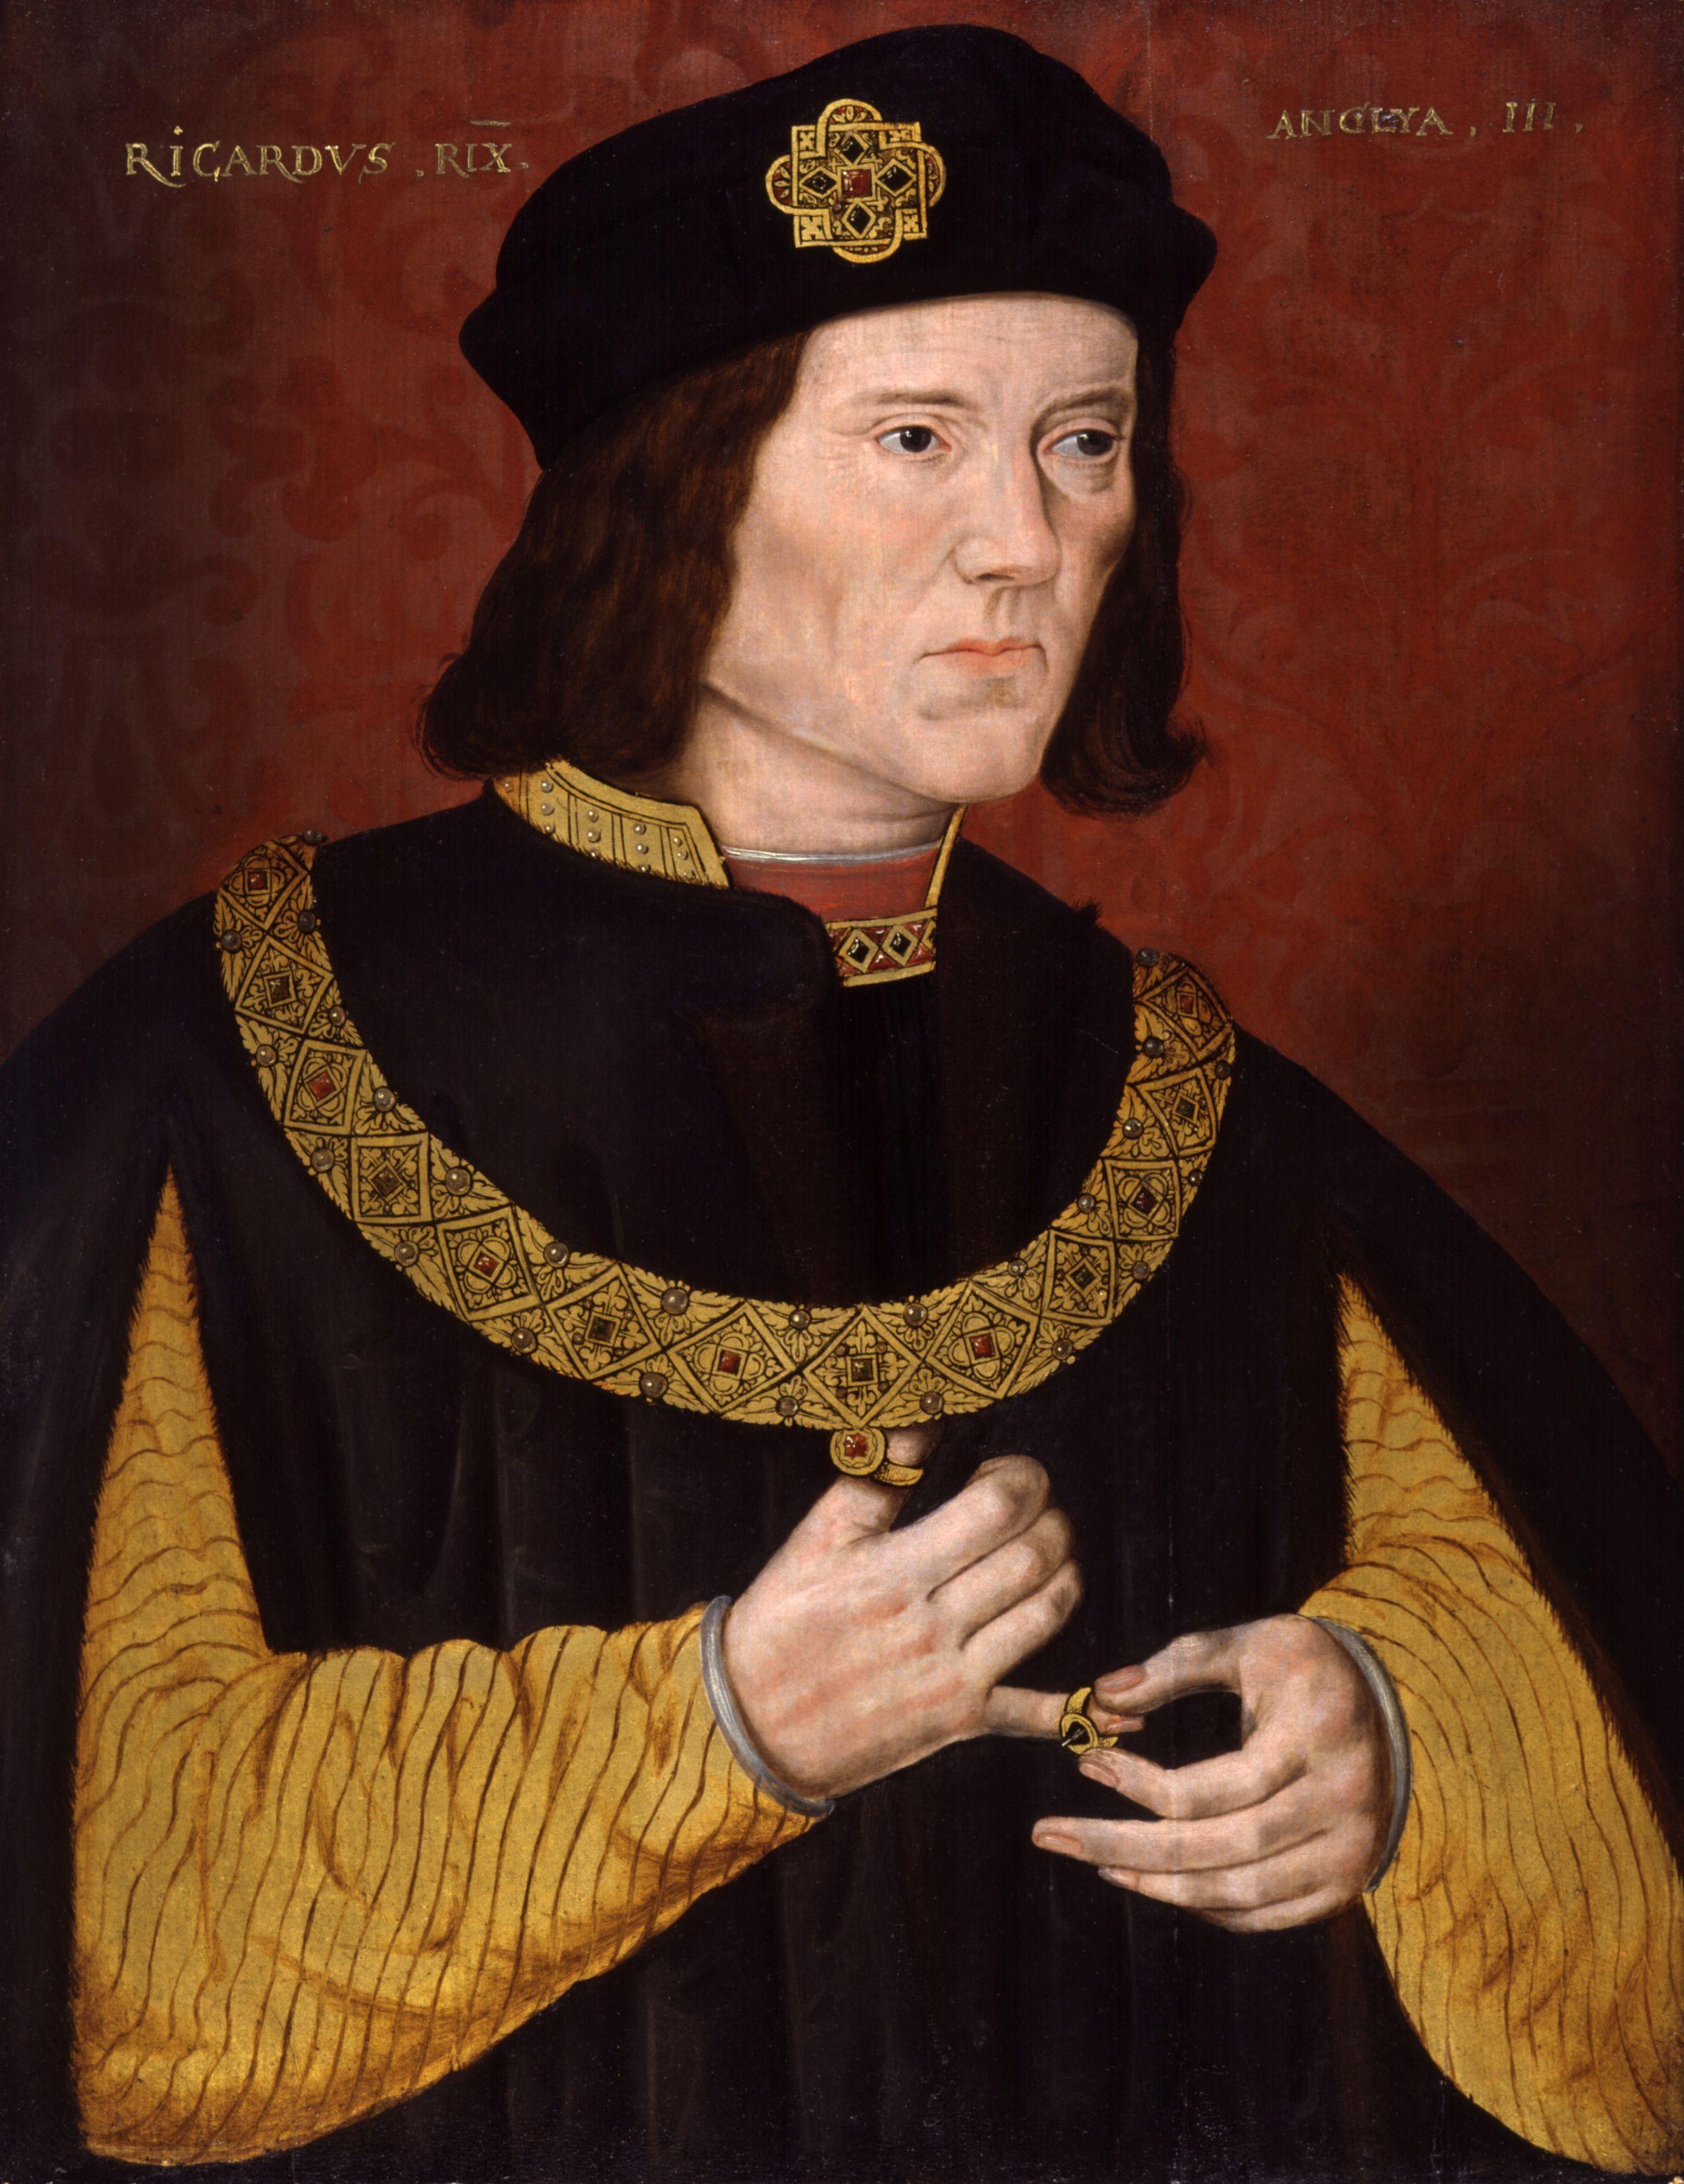 King_Richard_III_from_NPG_(2).jpg